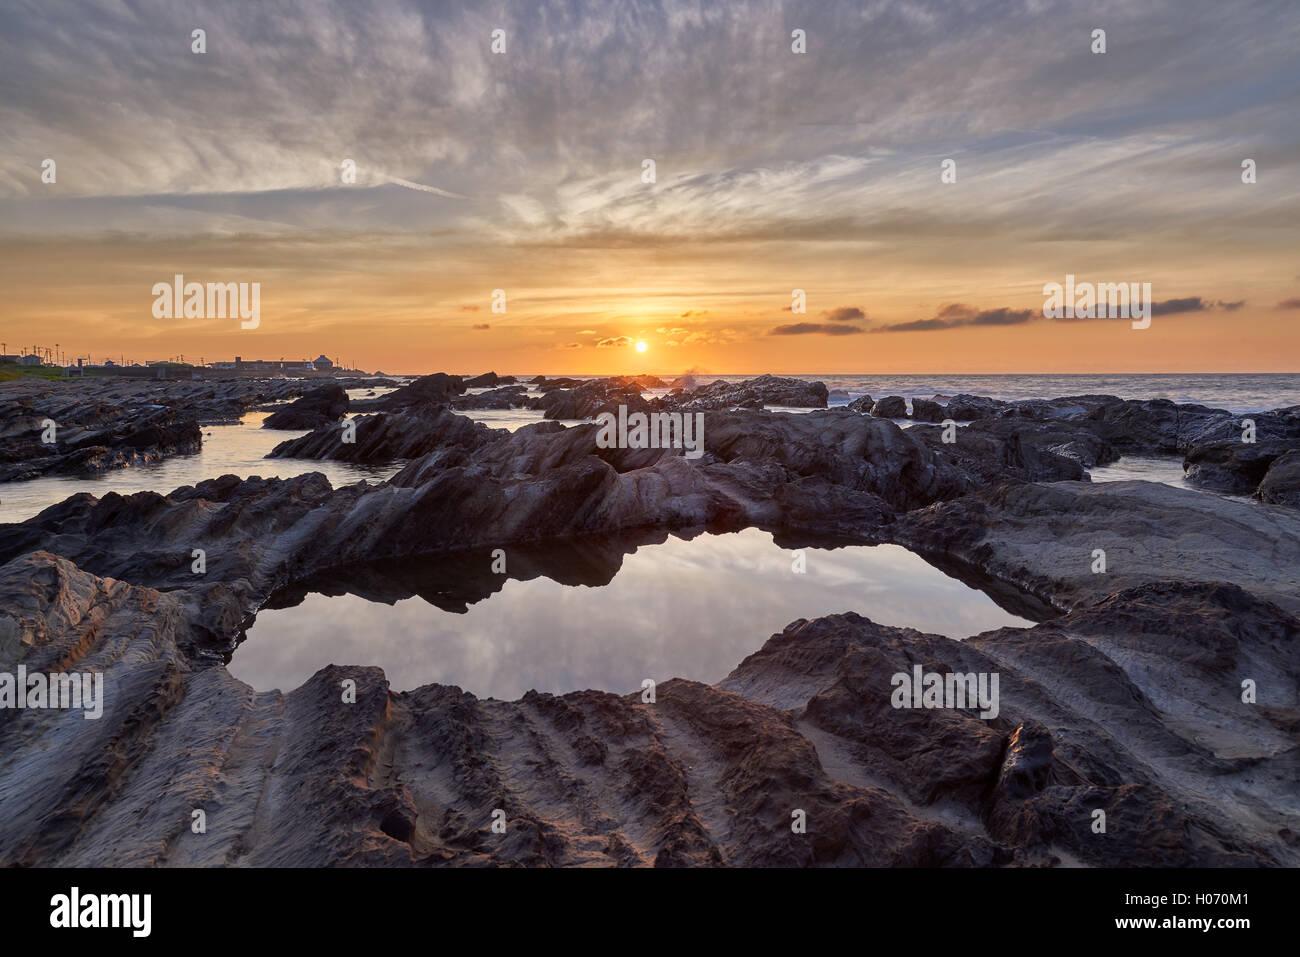 Luz del amanecer el mar golpeando las rocas de la playa en la mañana Minamiboso, Prefectura de Chiba, Japón Imagen De Stock